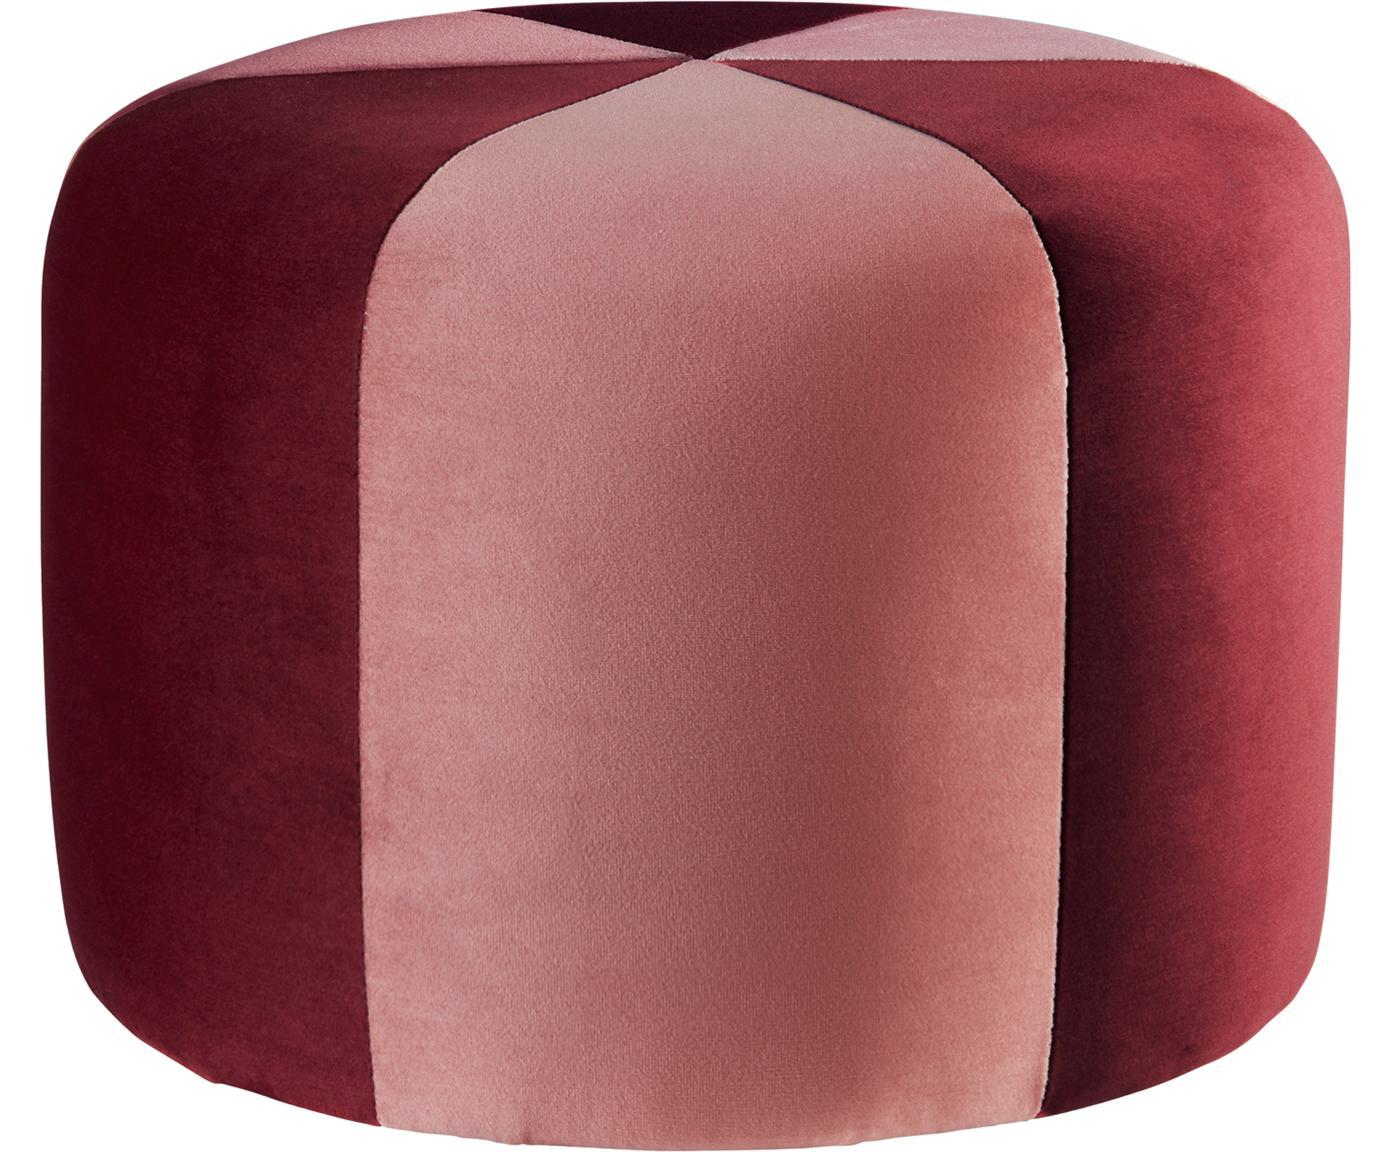 Pouf in velluto per bambini Barcellona, Rivestimento: velluto di poliestere, Struttura: legno, Rosso, rosa, Ø 40 x Alt. 28 cm